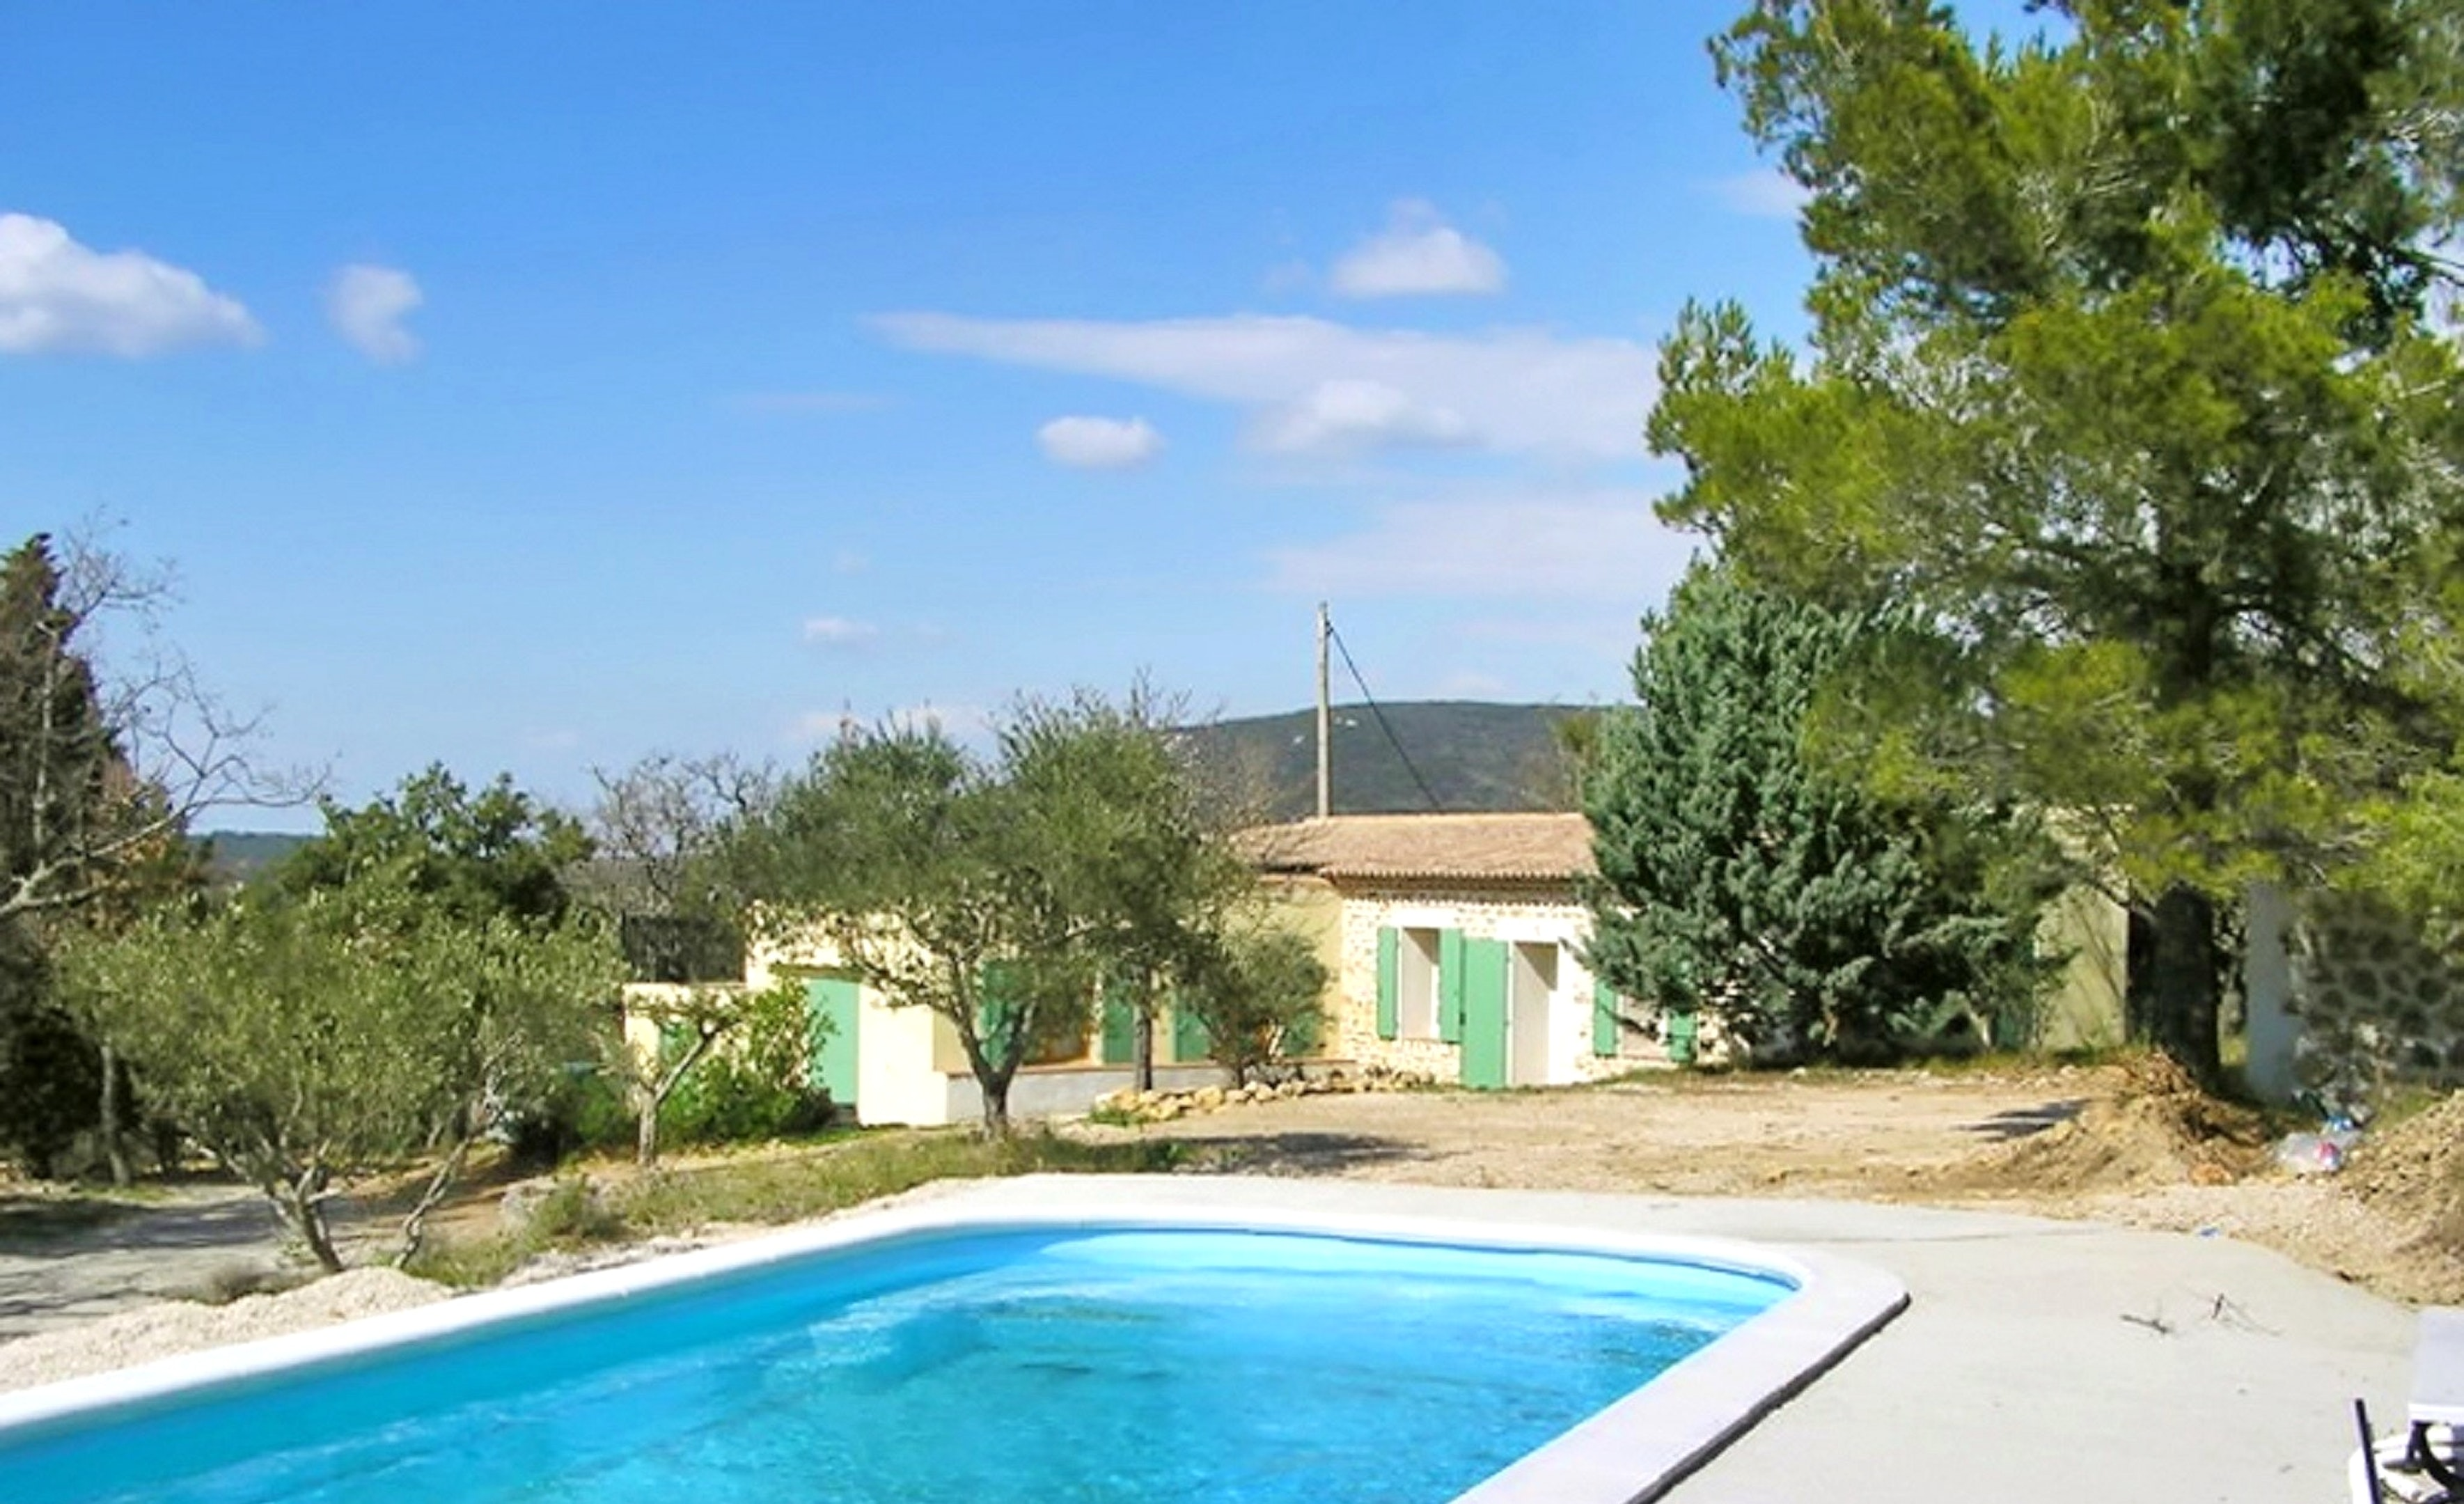 Holiday house Haus mit 4 Schlafzimmern in La Verdière mit toller Aussicht auf die Berge, privatem Pool,  (2201749), La Verdière, Var, Provence - Alps - Côte d'Azur, France, picture 1